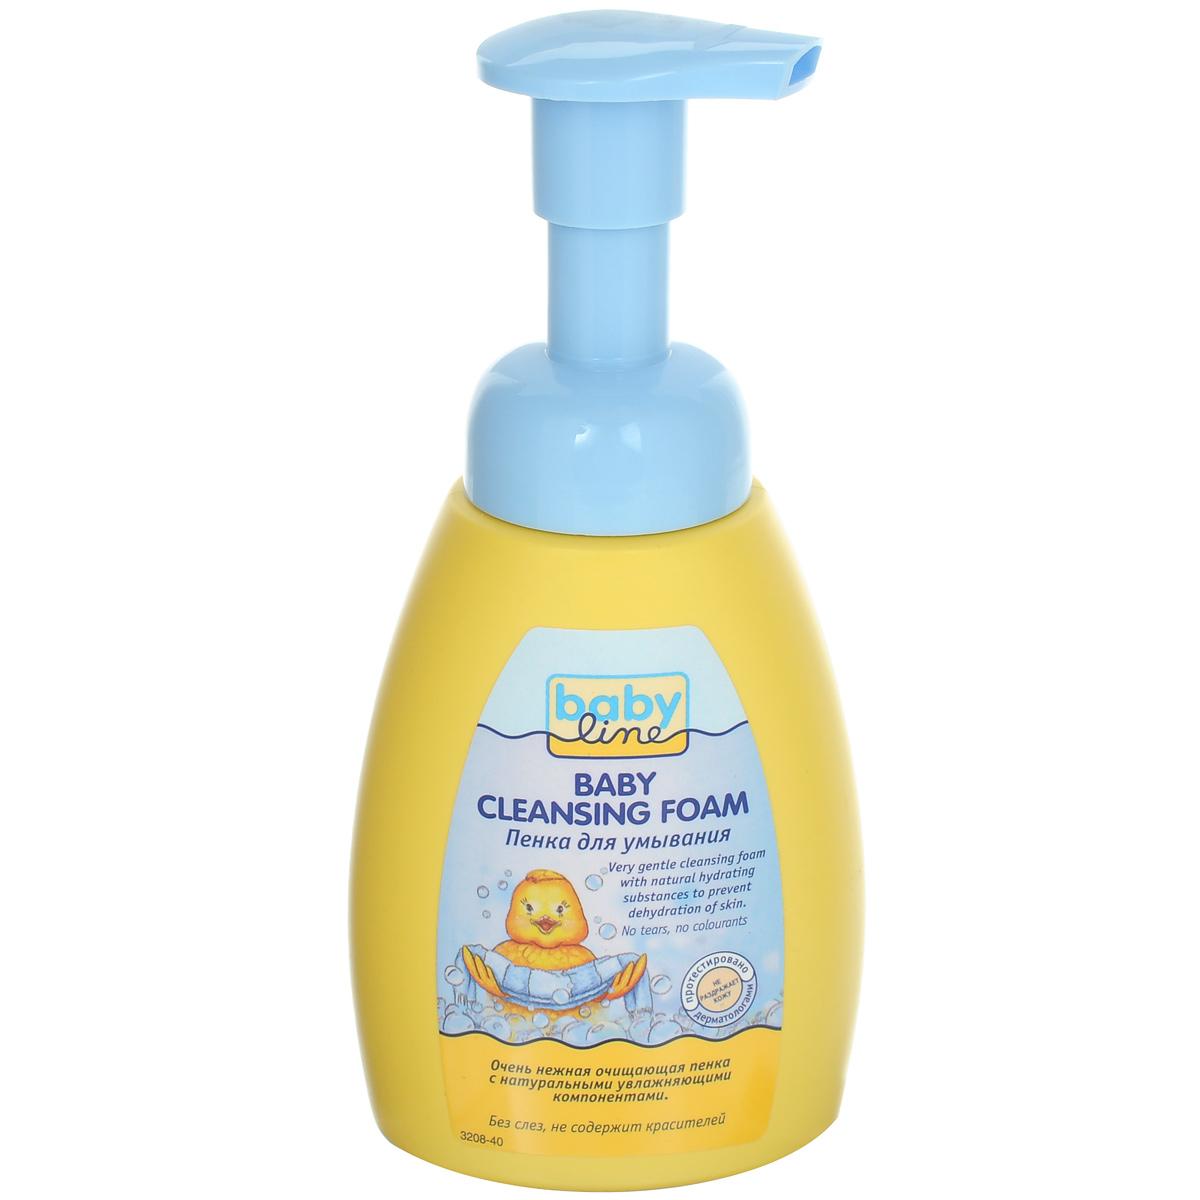 BabyLine Пенка для умывания детская, без слез, 250 млFS-00897Детская пенка для умывания с благоприятными для кожи растительными экстрактами бережно моет и увлажняет кожу вашего малыша. Без слез.Не содержит мыла и консервантов. Содержит пшеничный протеин, бережно ухаживающий за кожей ребенка.Товар сертифицирован.